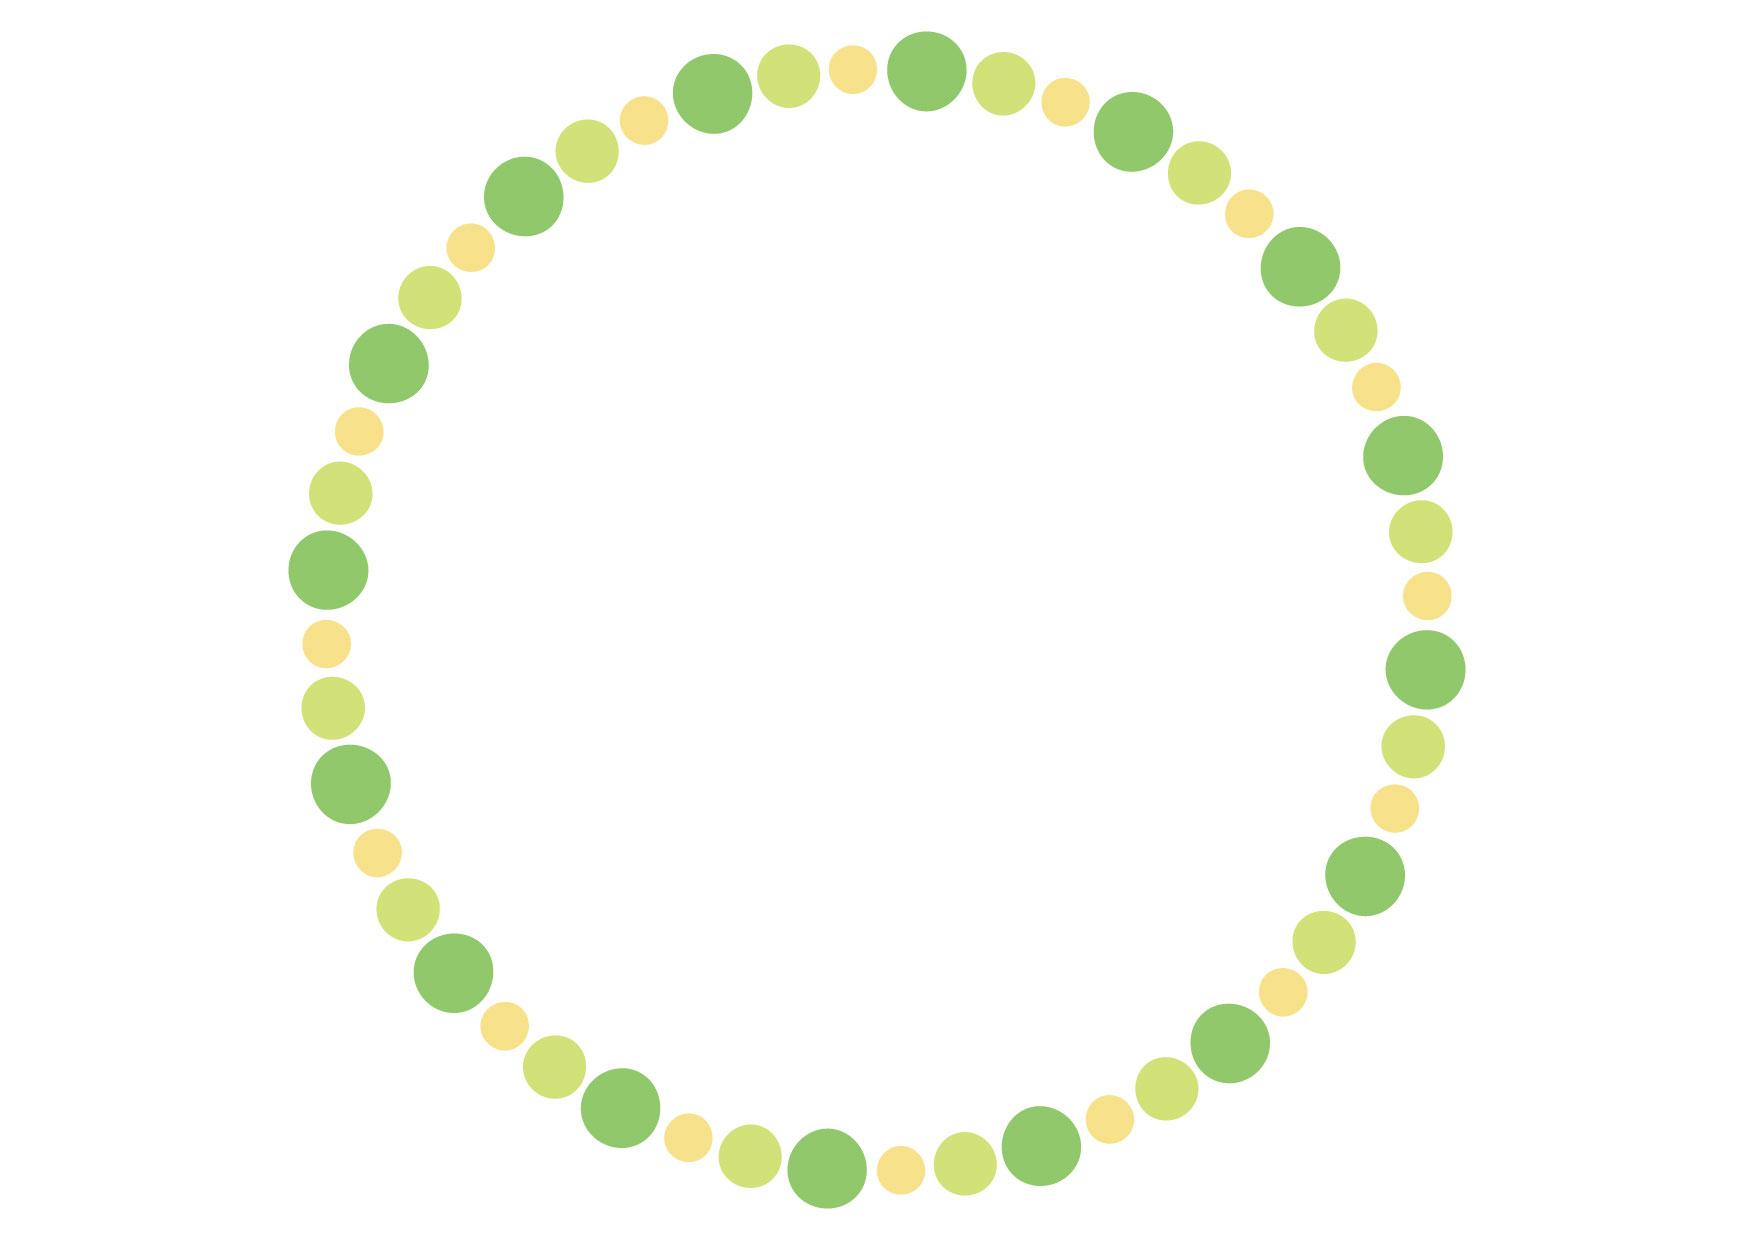 フレーム 背景 ドット 緑 イラスト 無料